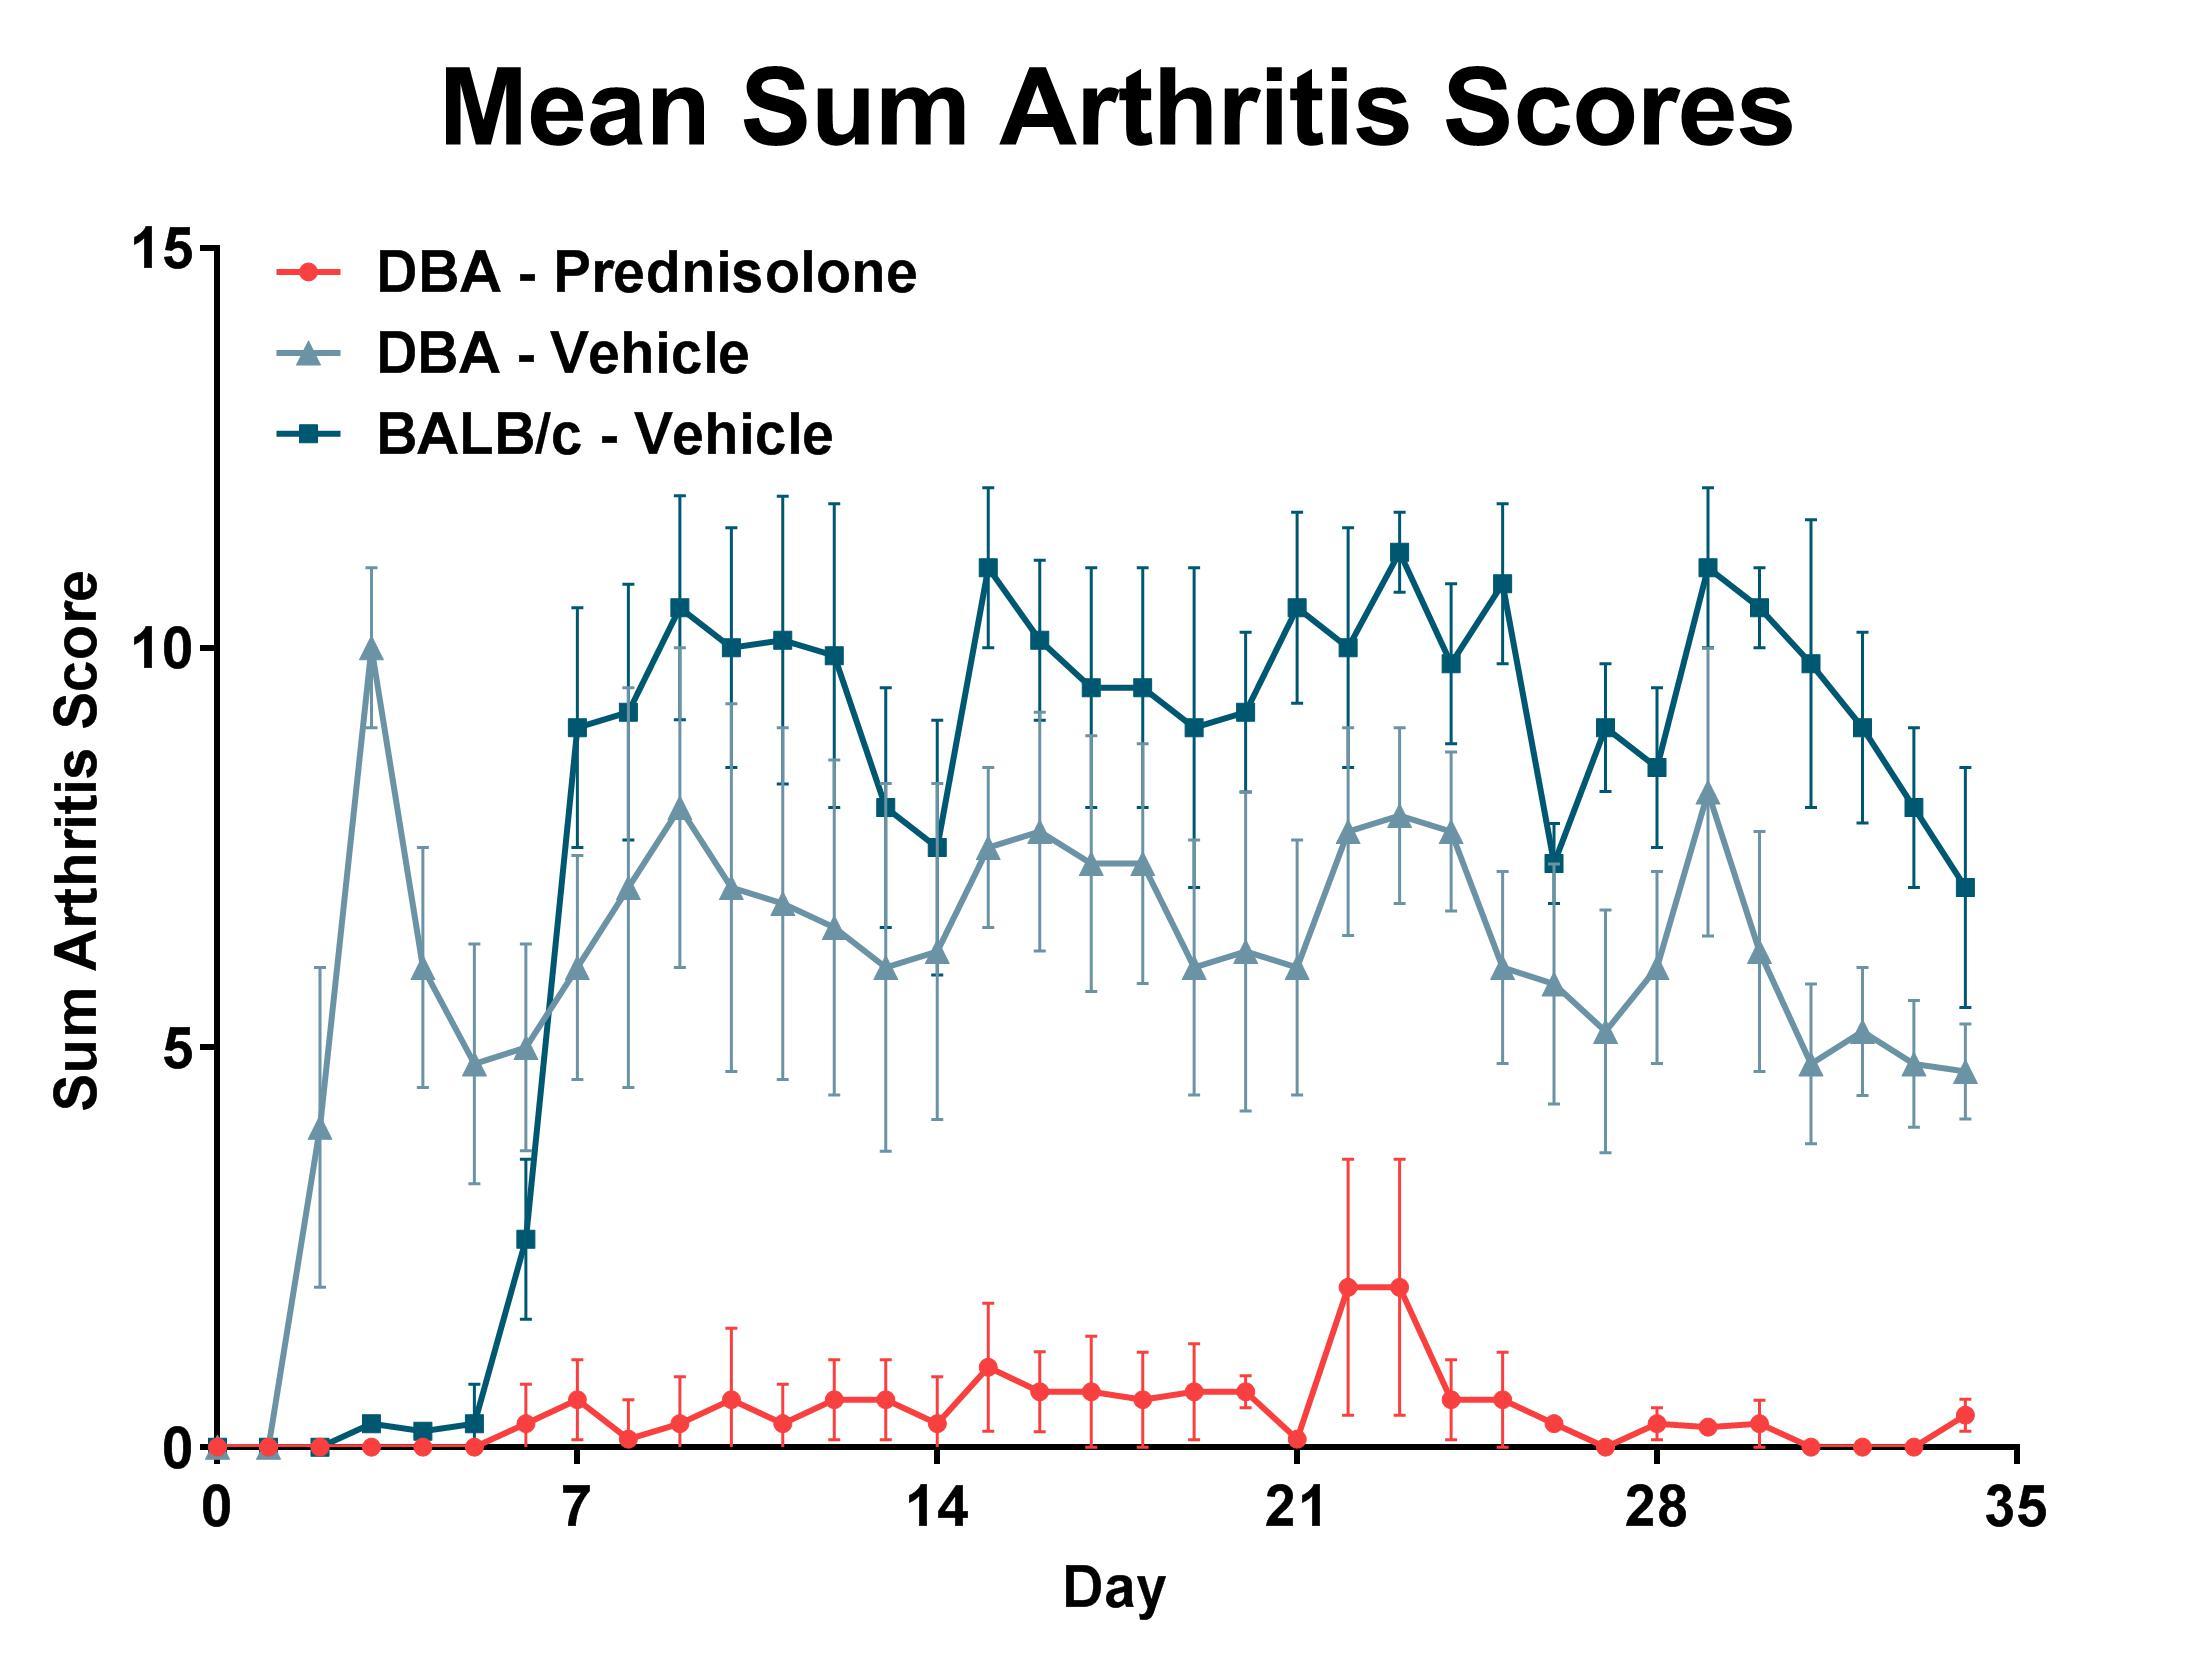 Mean Sum Arthritis Scores